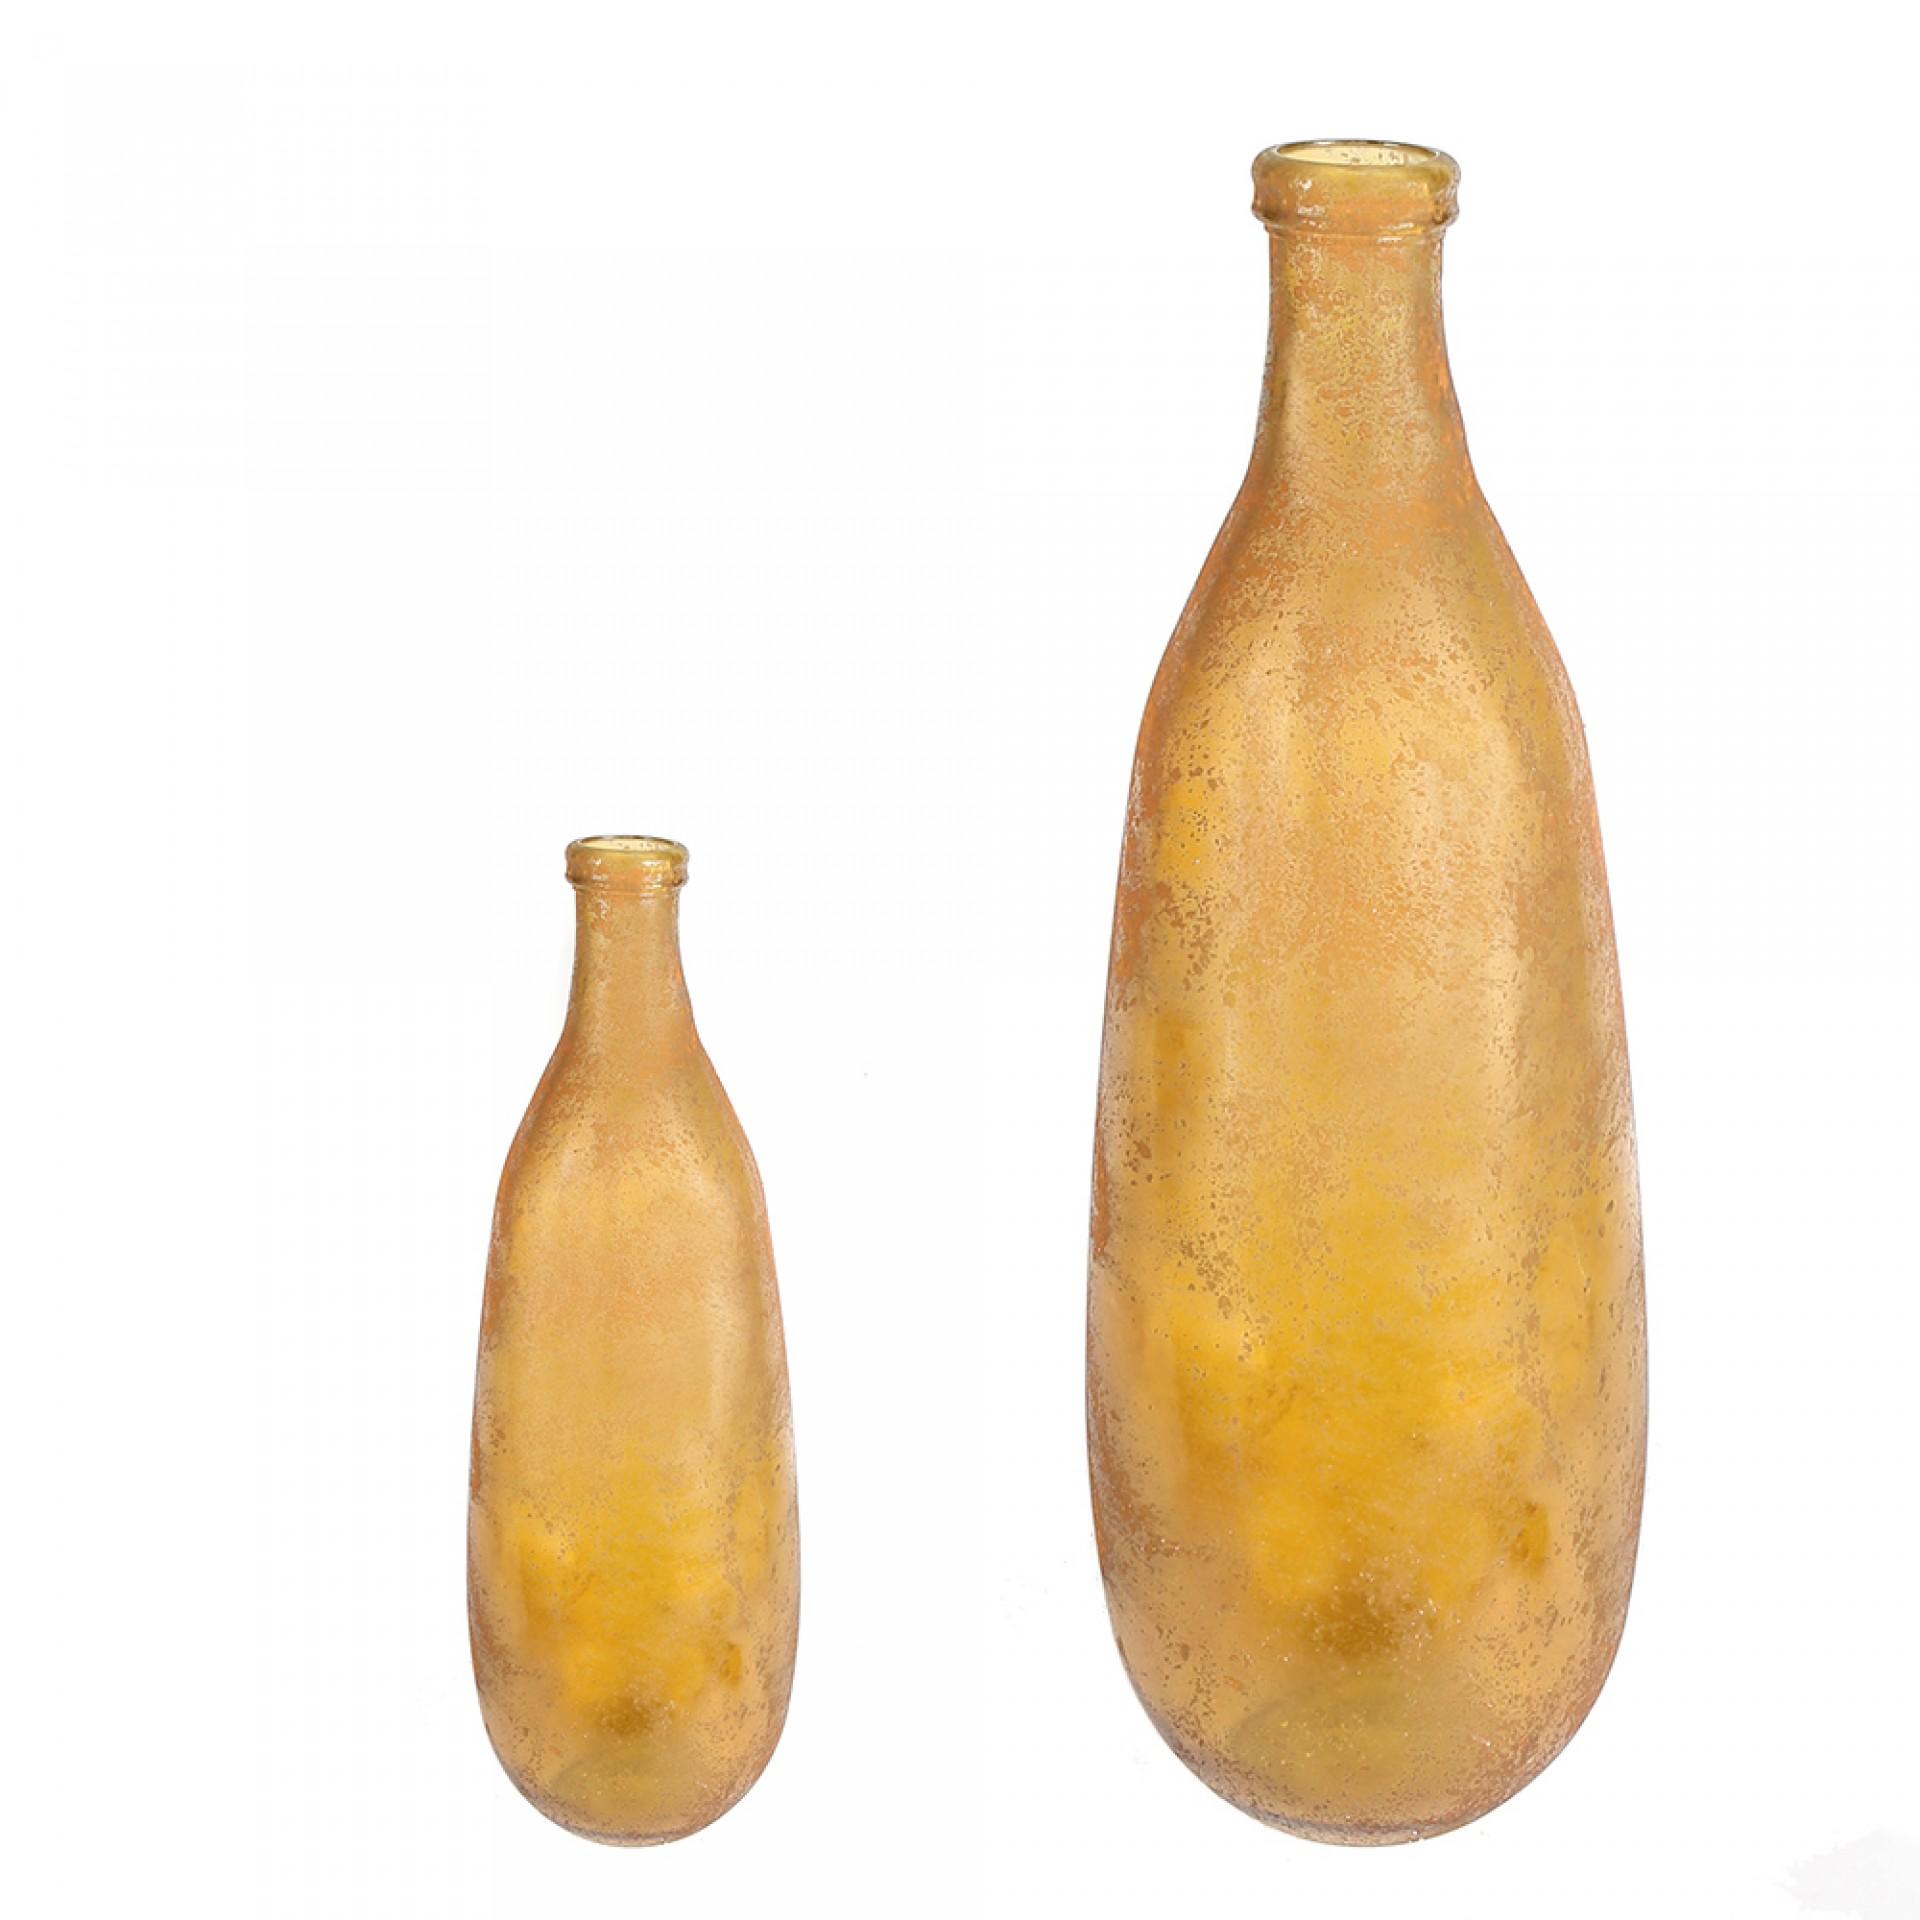 Podlahová váza z recyklovaného skla Schiras, 74 cm, curry